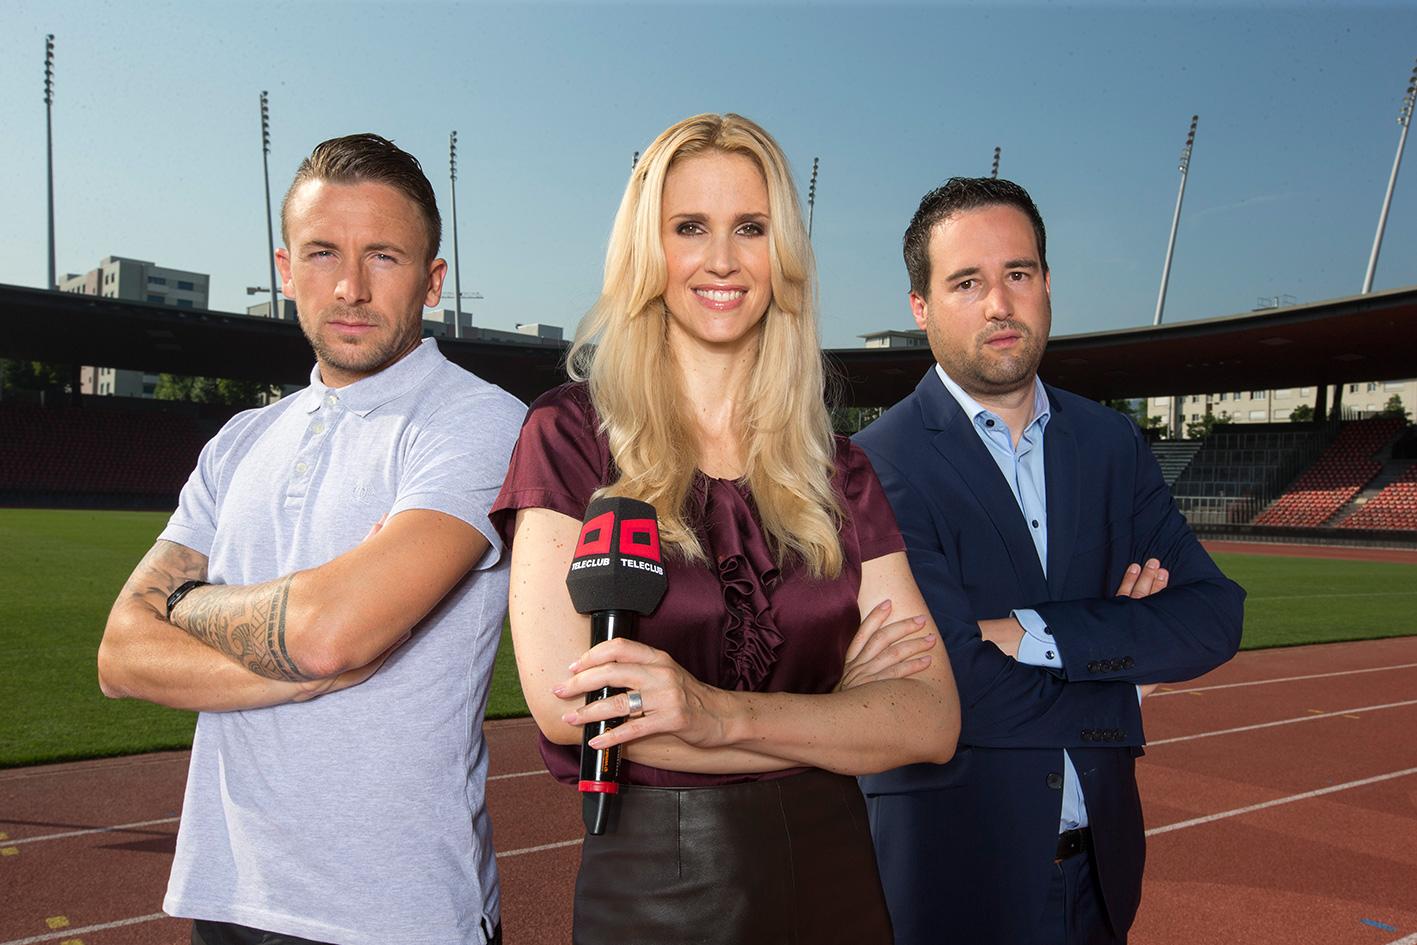 Teleclub Und Blick Suchen Einen Fussball Reporter Fur Die